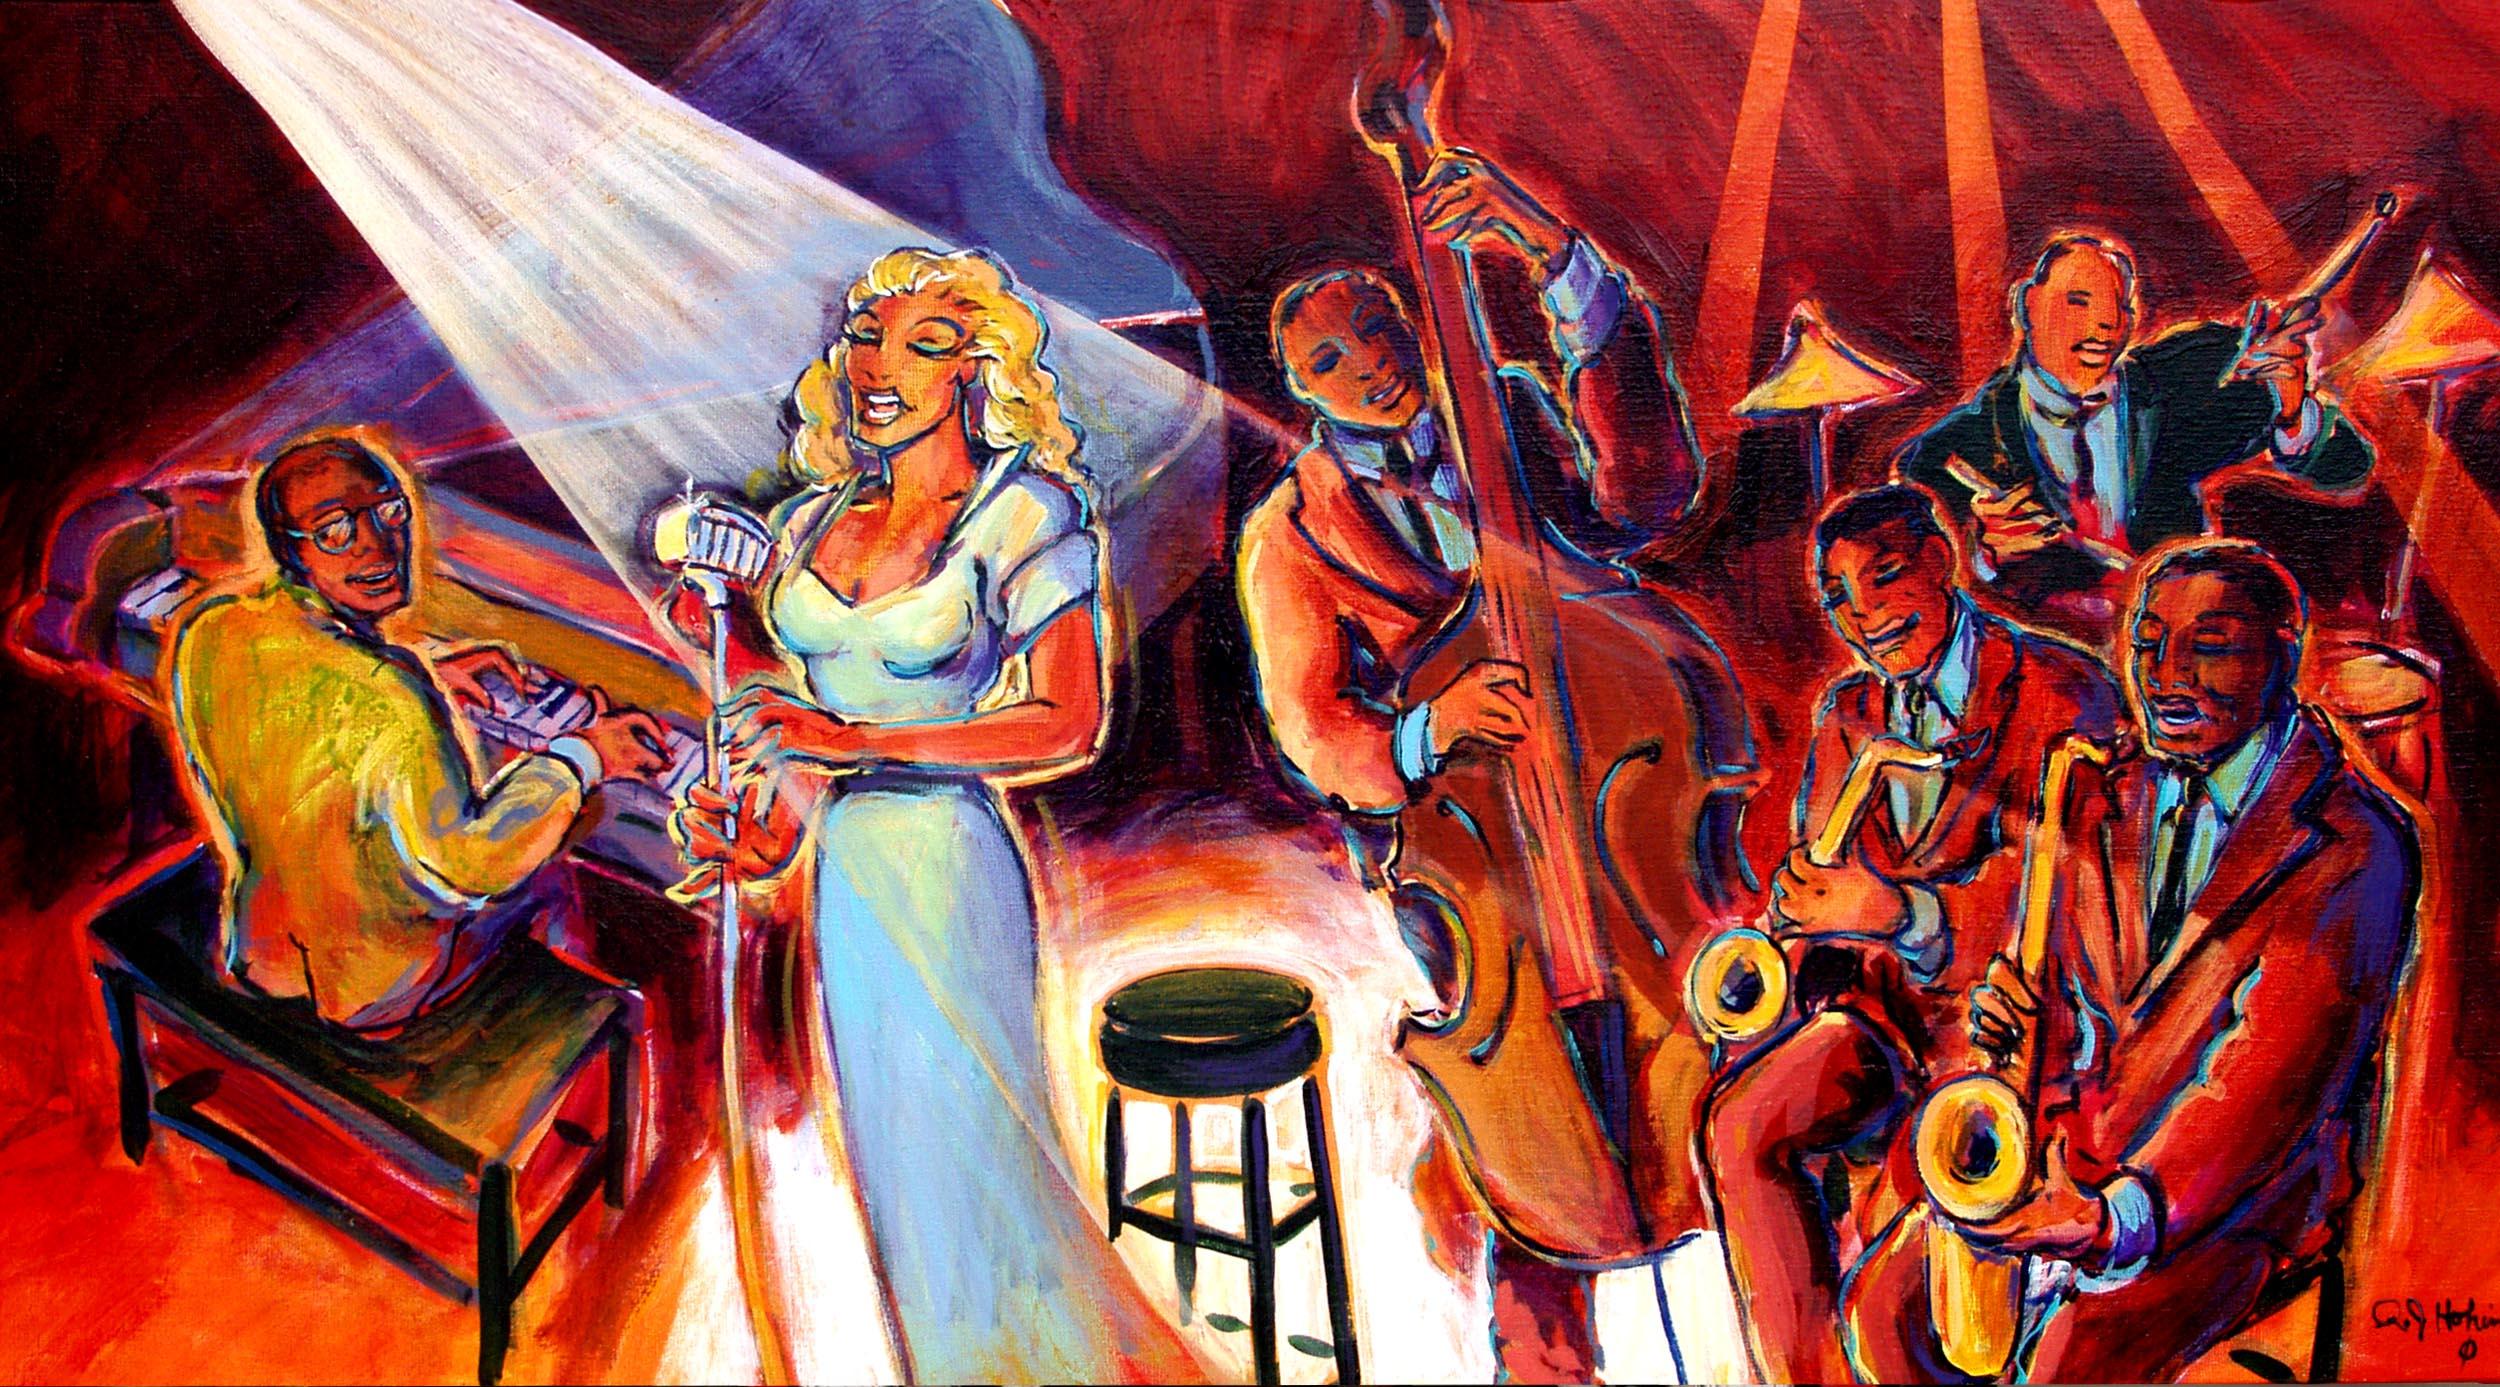 этом картинки в стиле джаз и блюз учатся